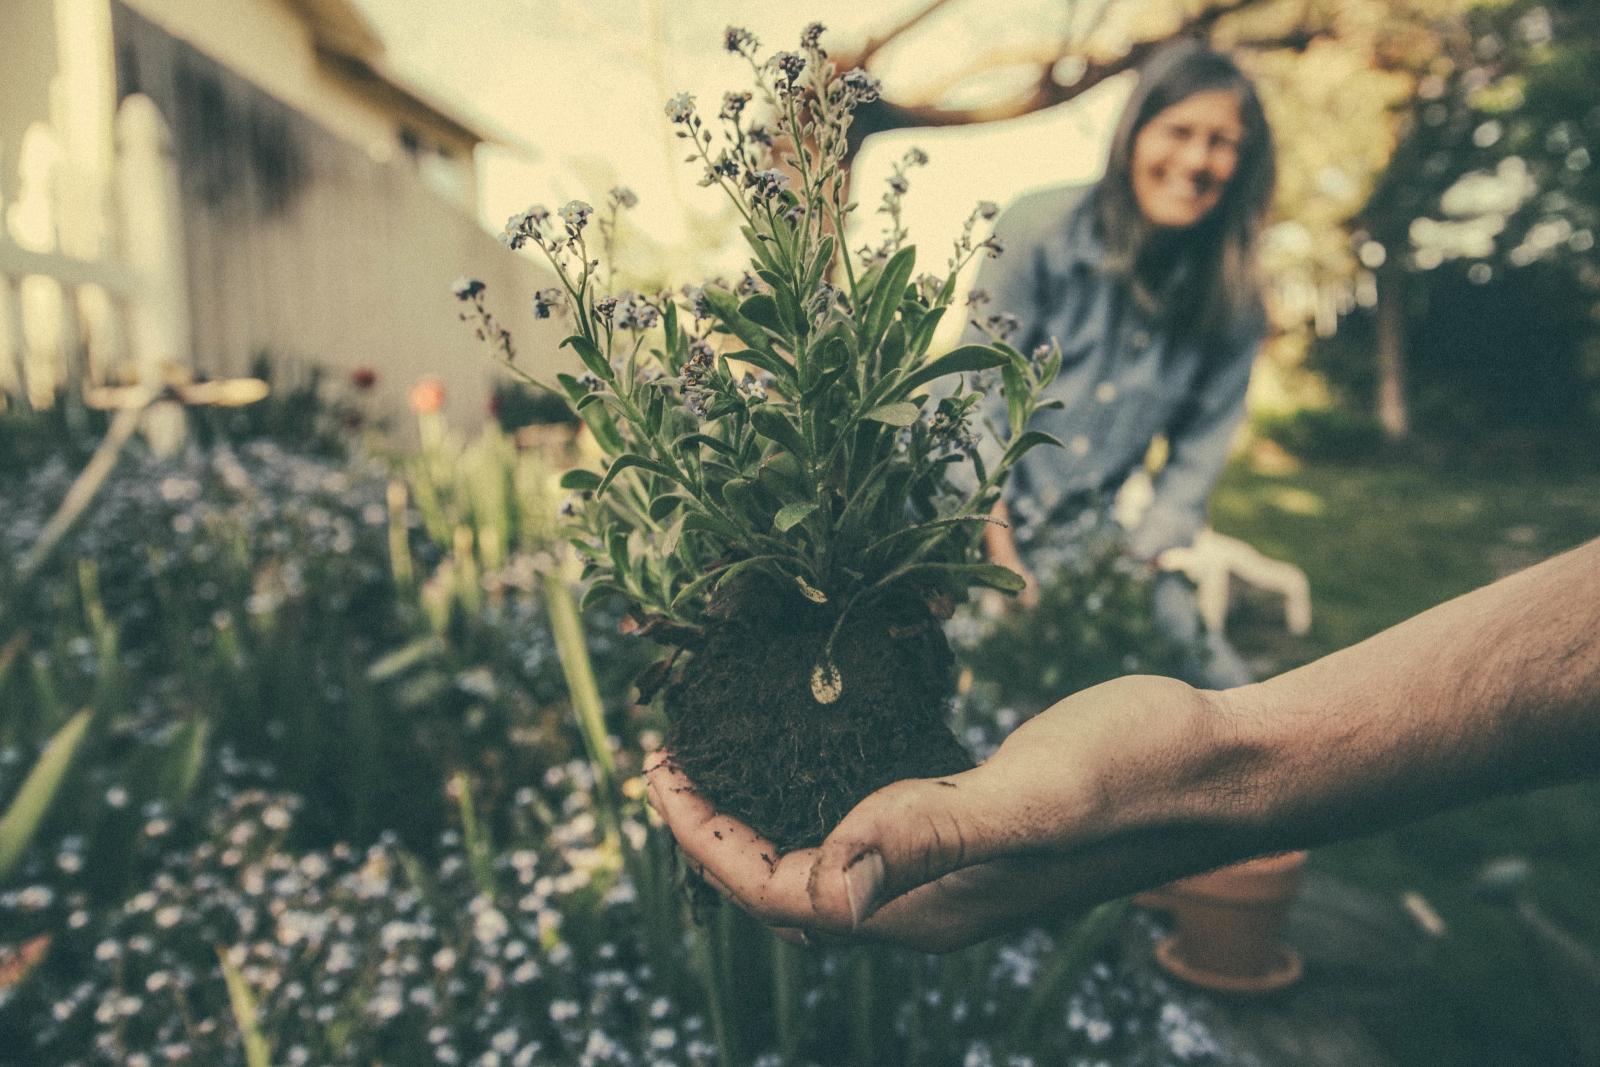 garden-soil-plant-soil.jpg